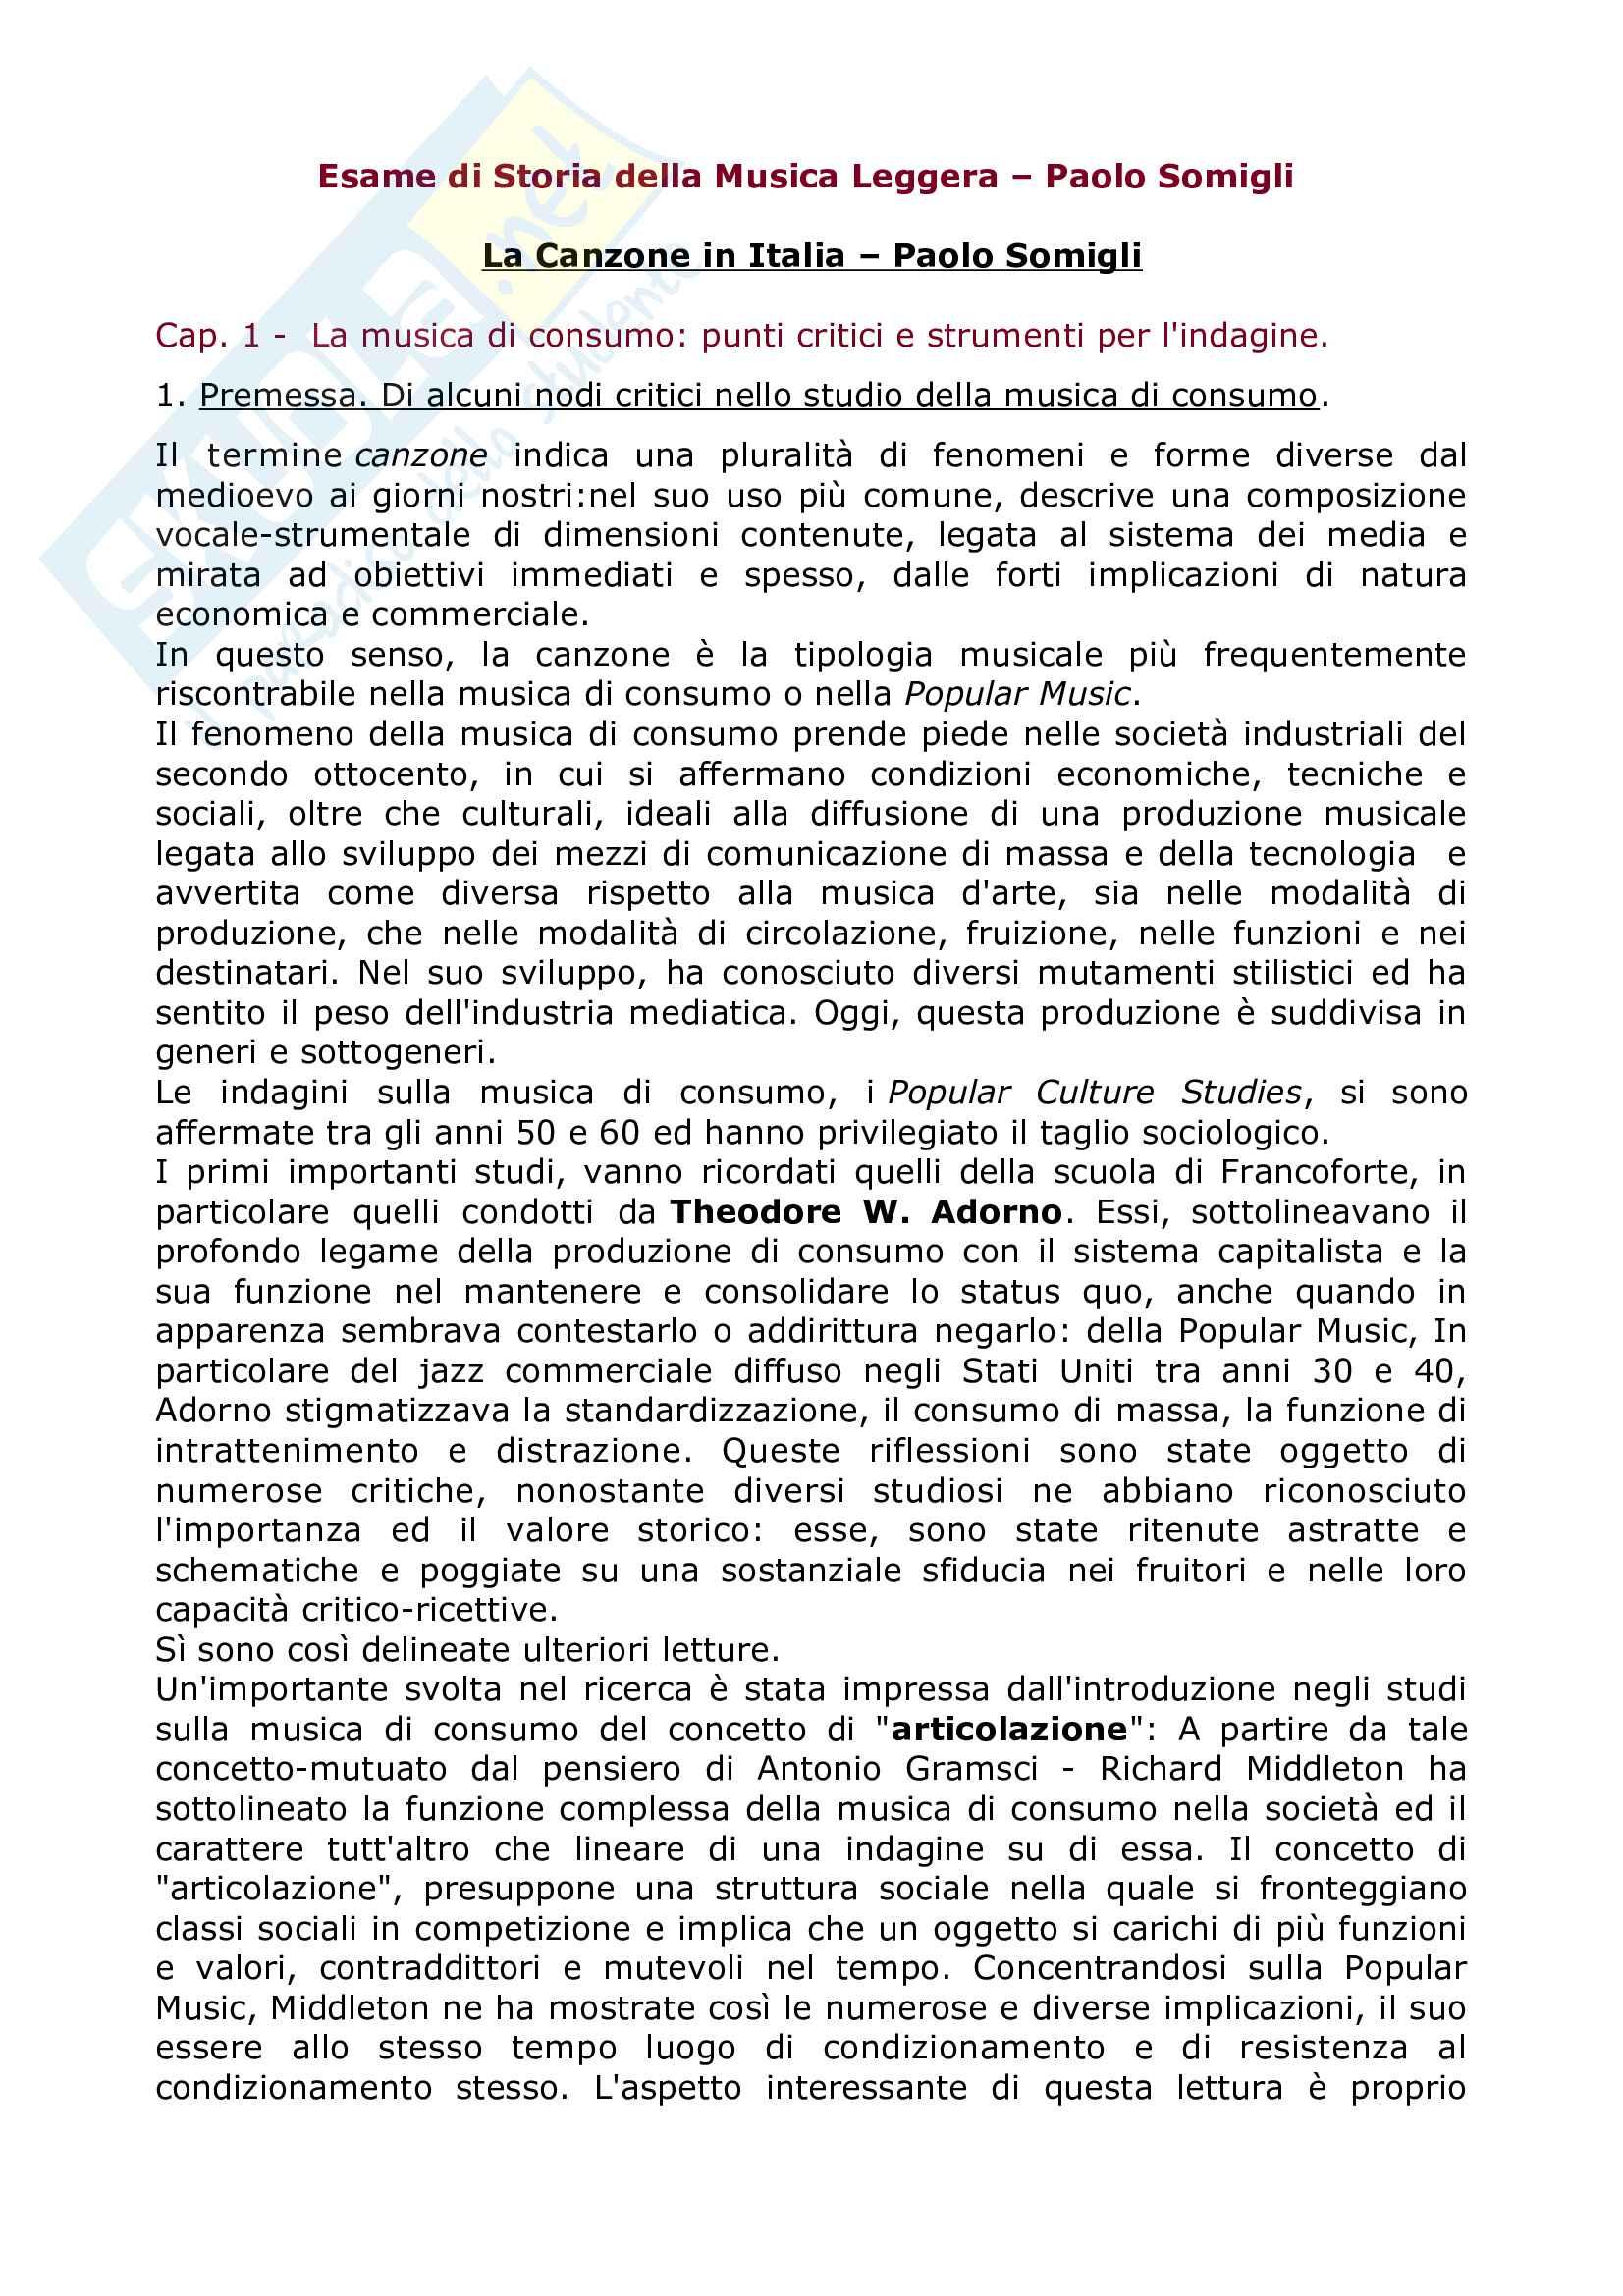 Riassunto Esame Storia della Musica Leggera, prof Somigli, libro consigliato La canzone in Italia, Somigli